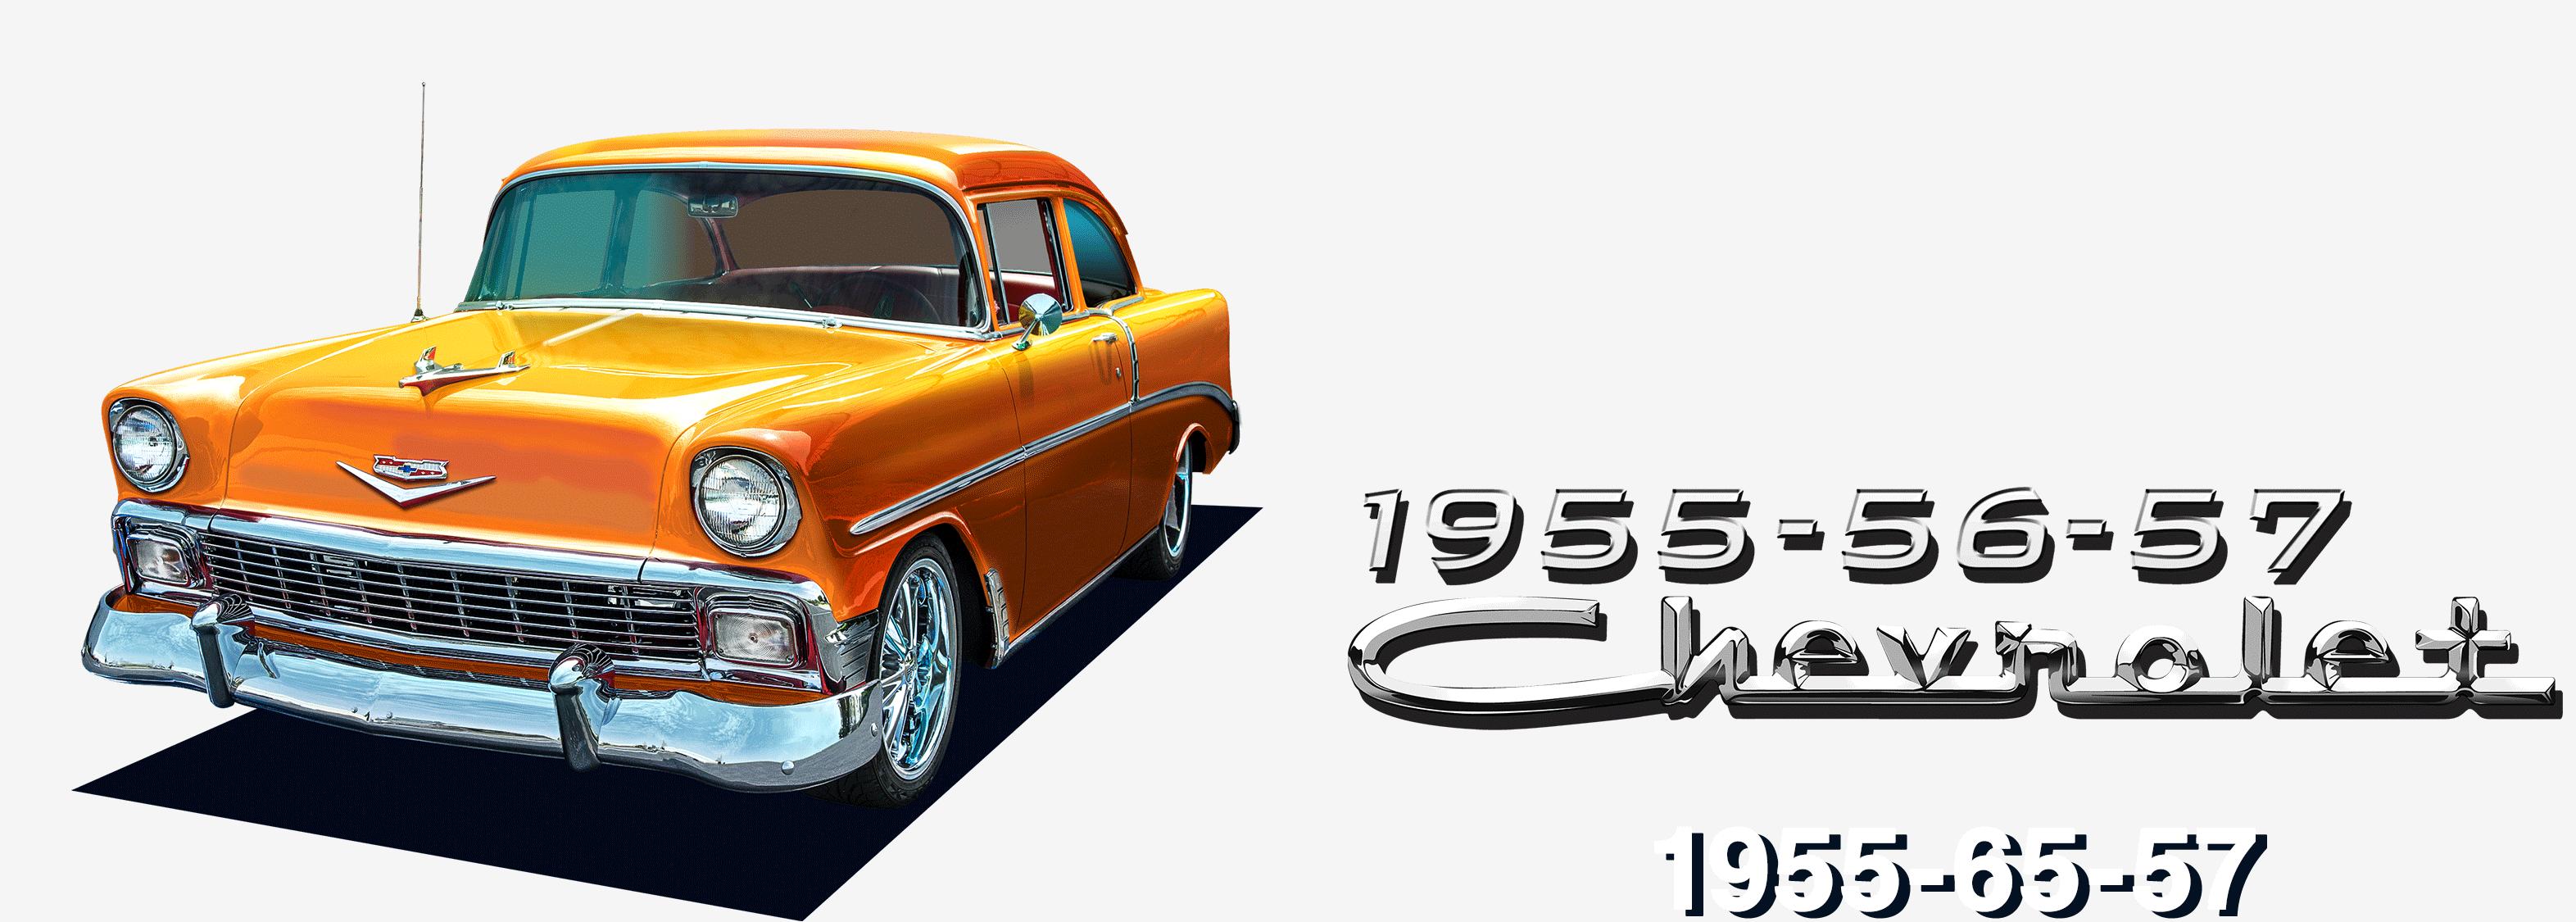 Großartig 1957 Chevy Lkw Schaltplan Fotos - Elektrische Schaltplan ...